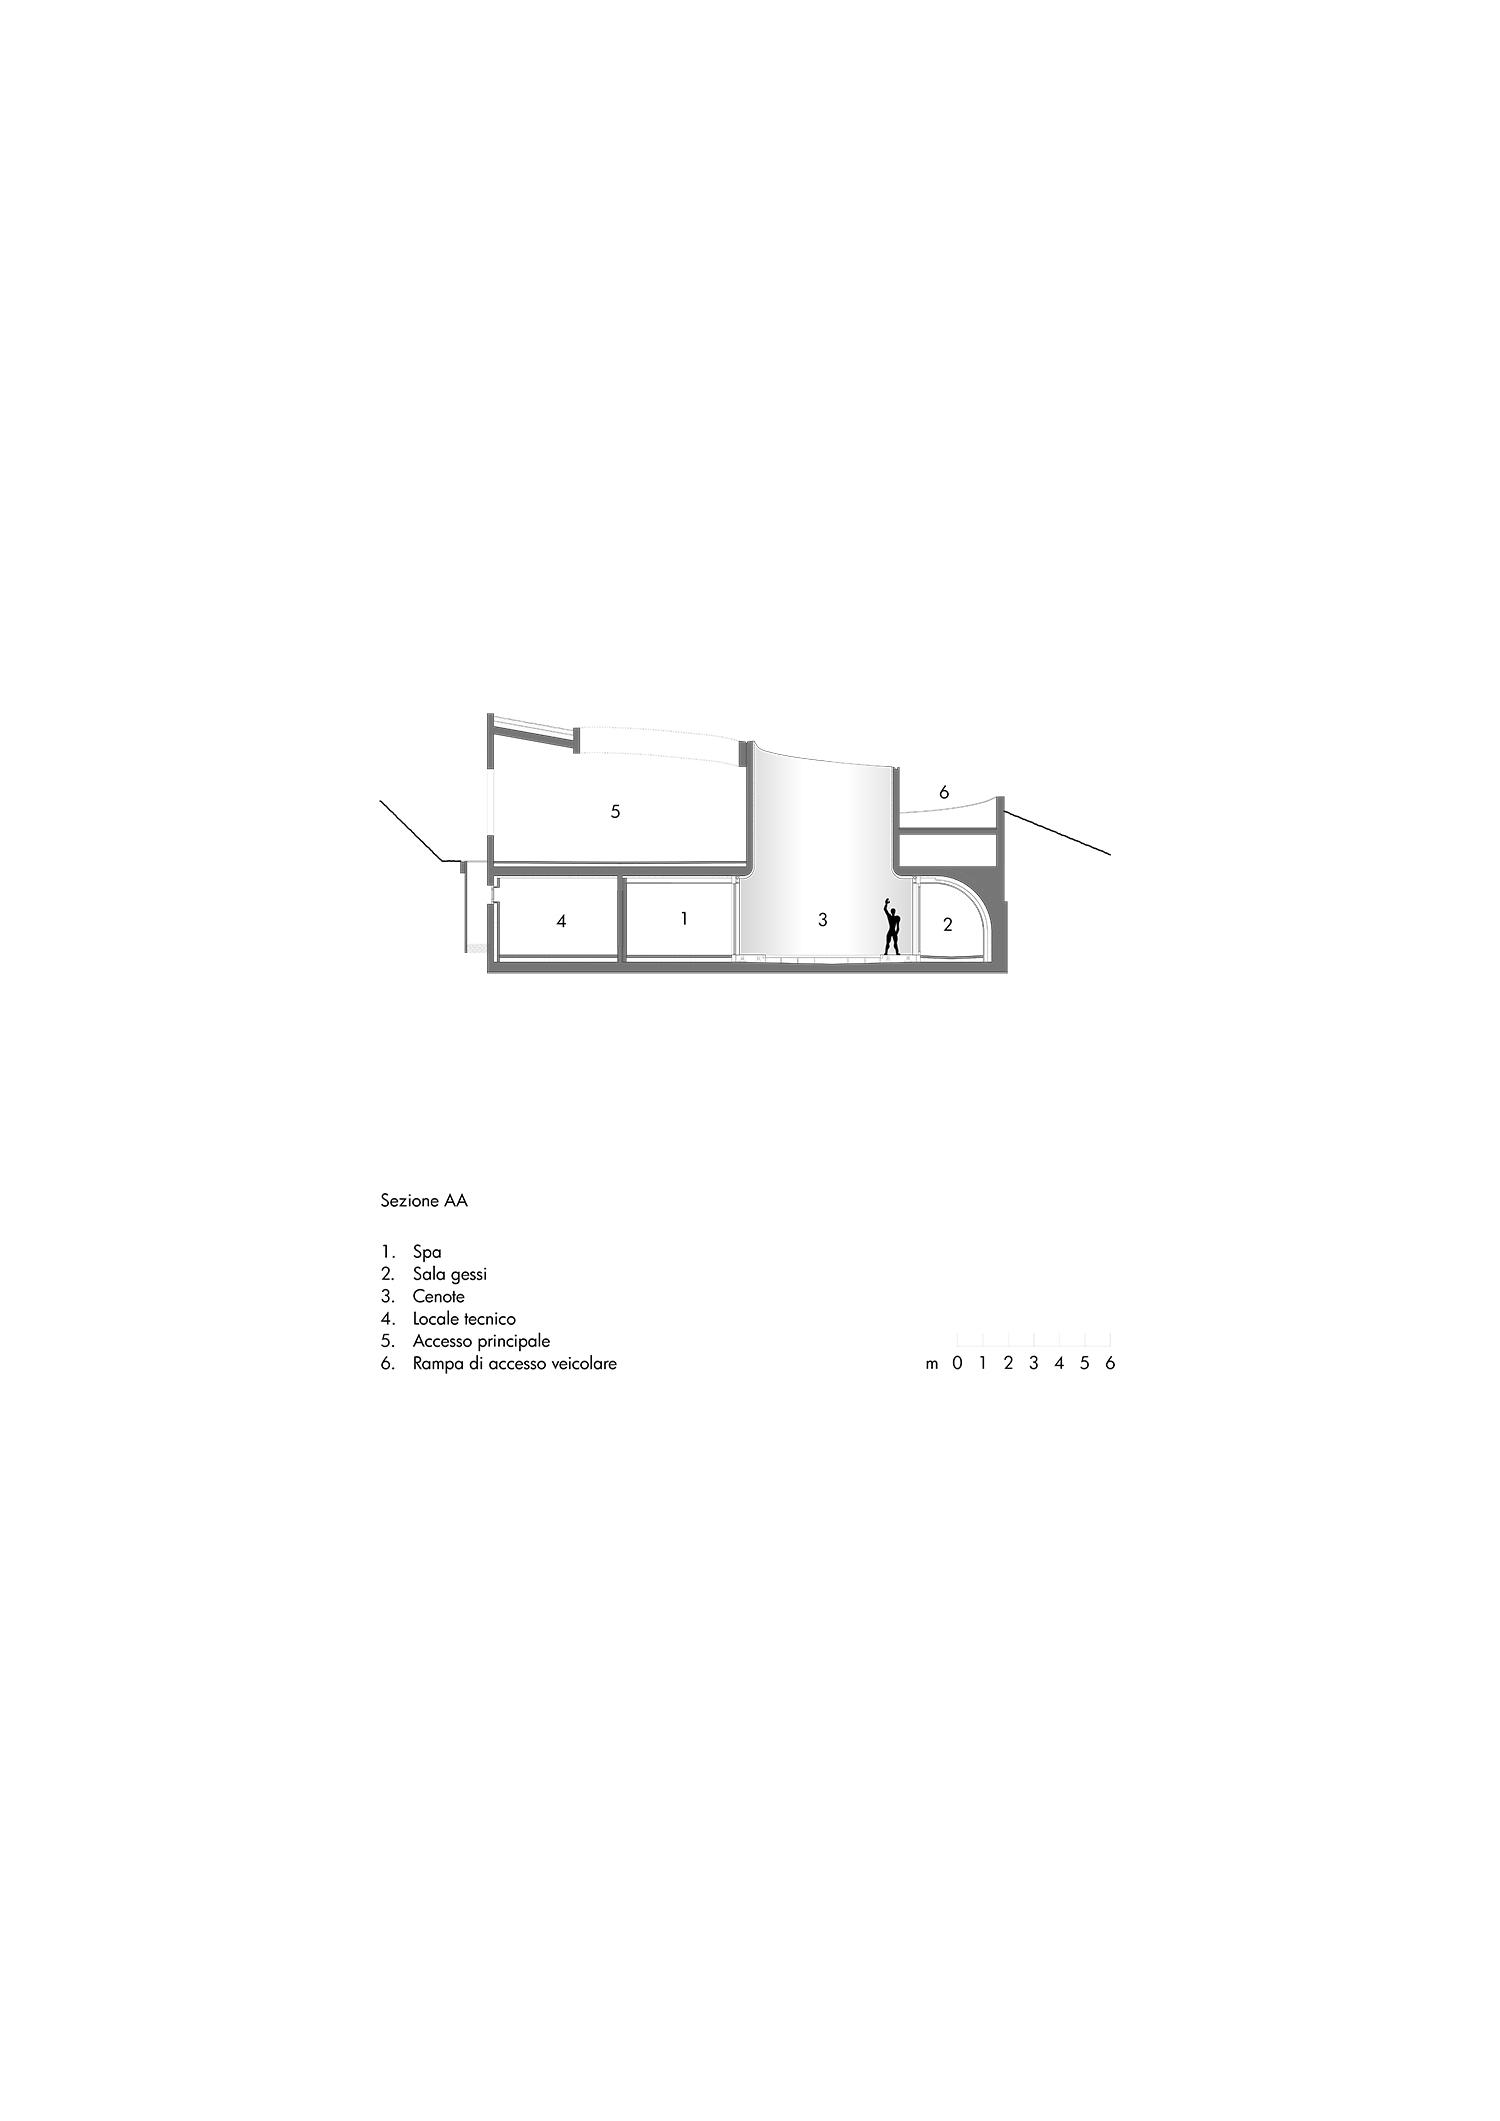 Sezione AA Mino Caggiula Architects}